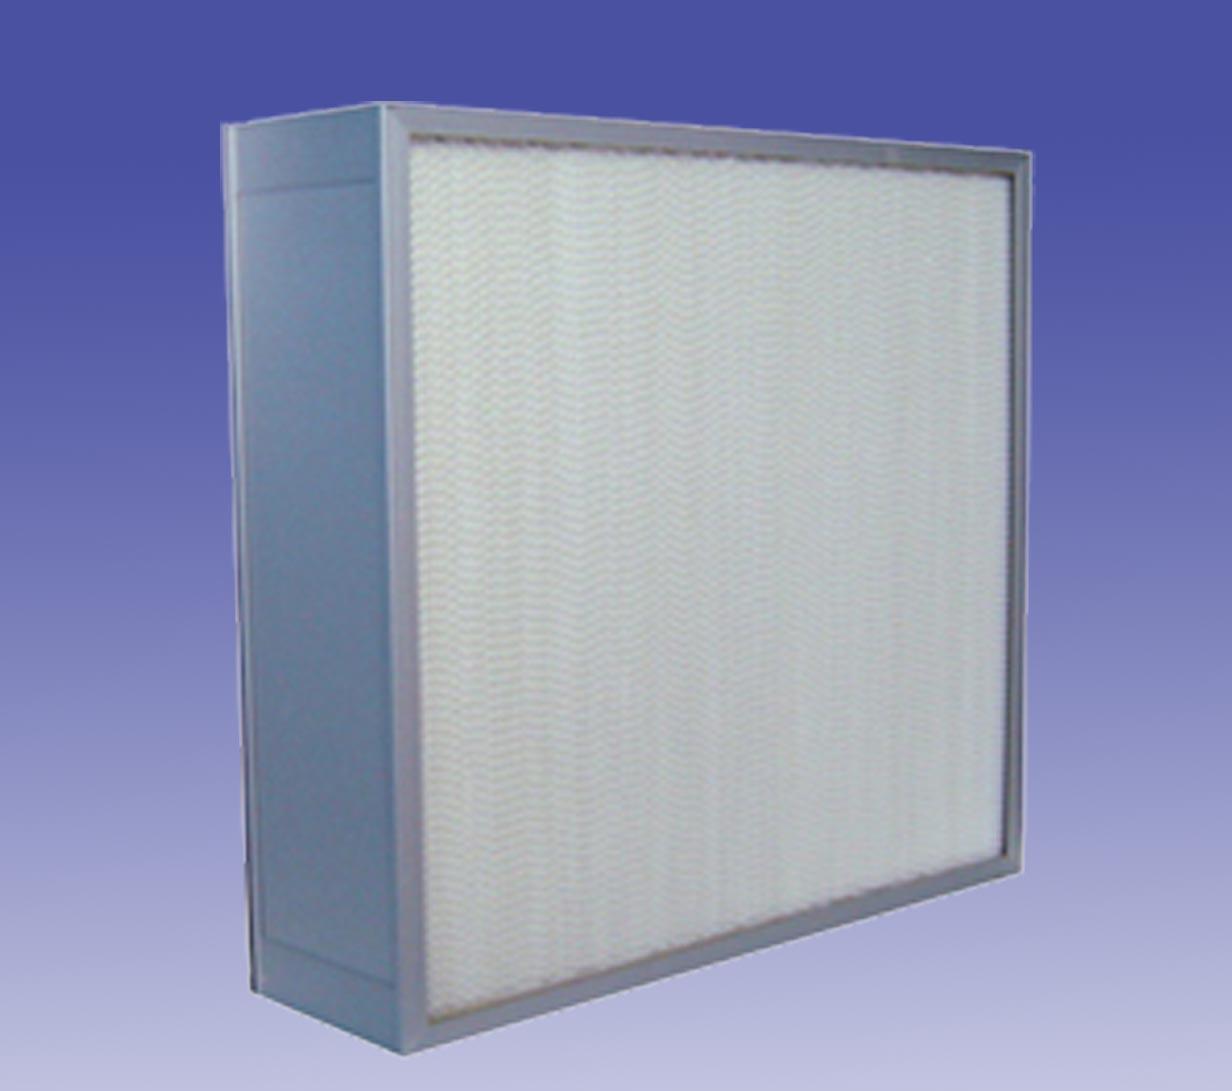 有隔板高效过滤器 H14(金属框)